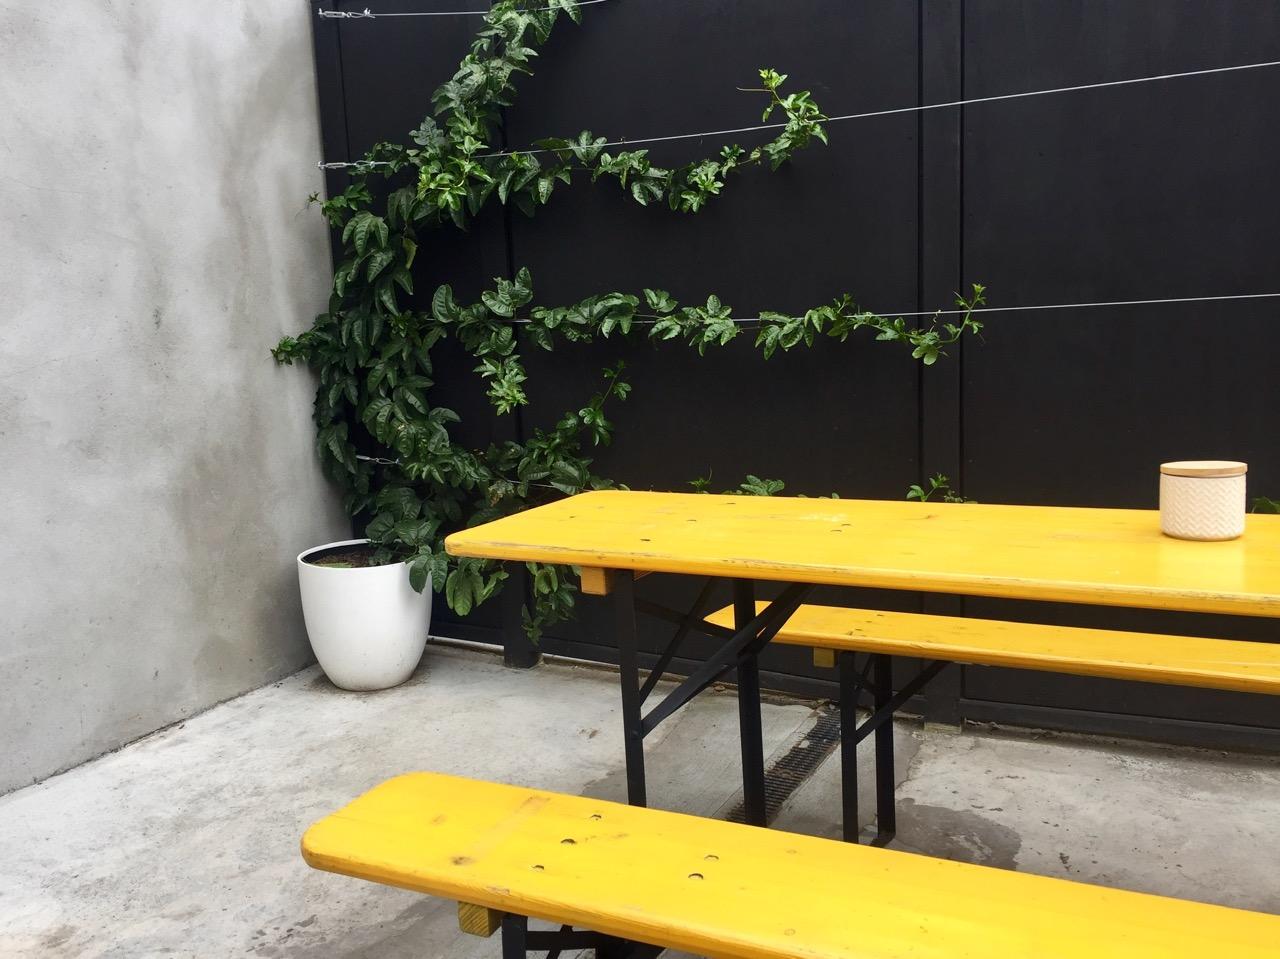 Cupple yellow courtyard